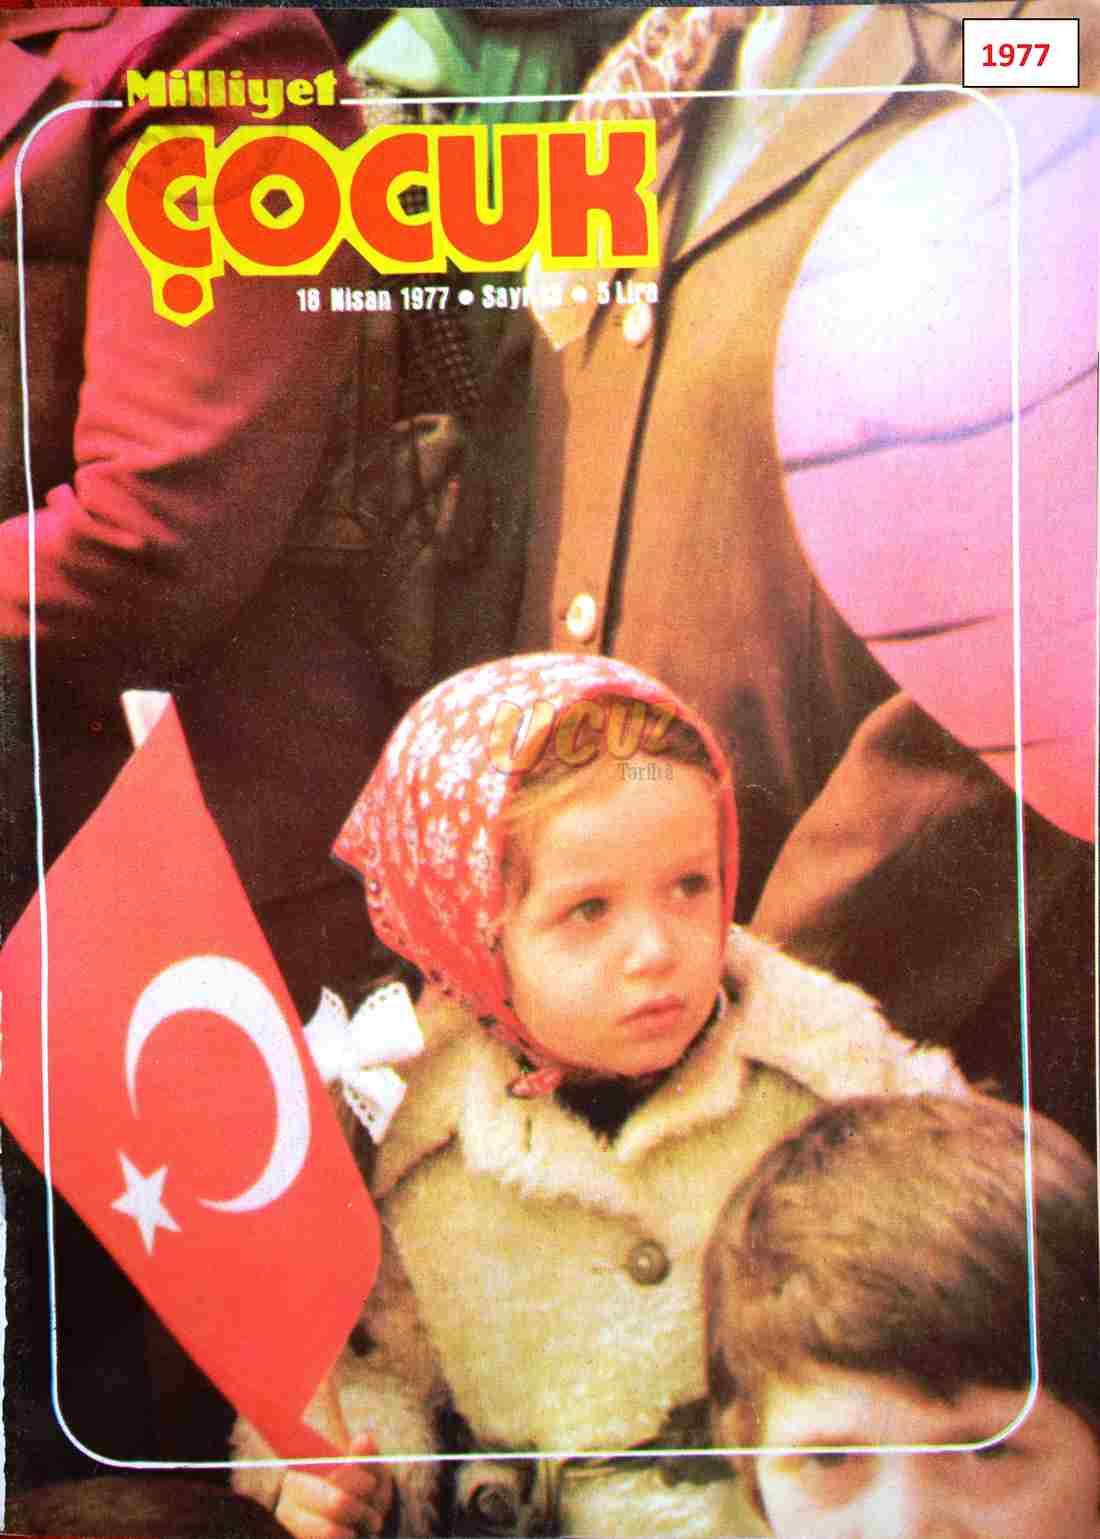 1977 milliyet çocuk 4